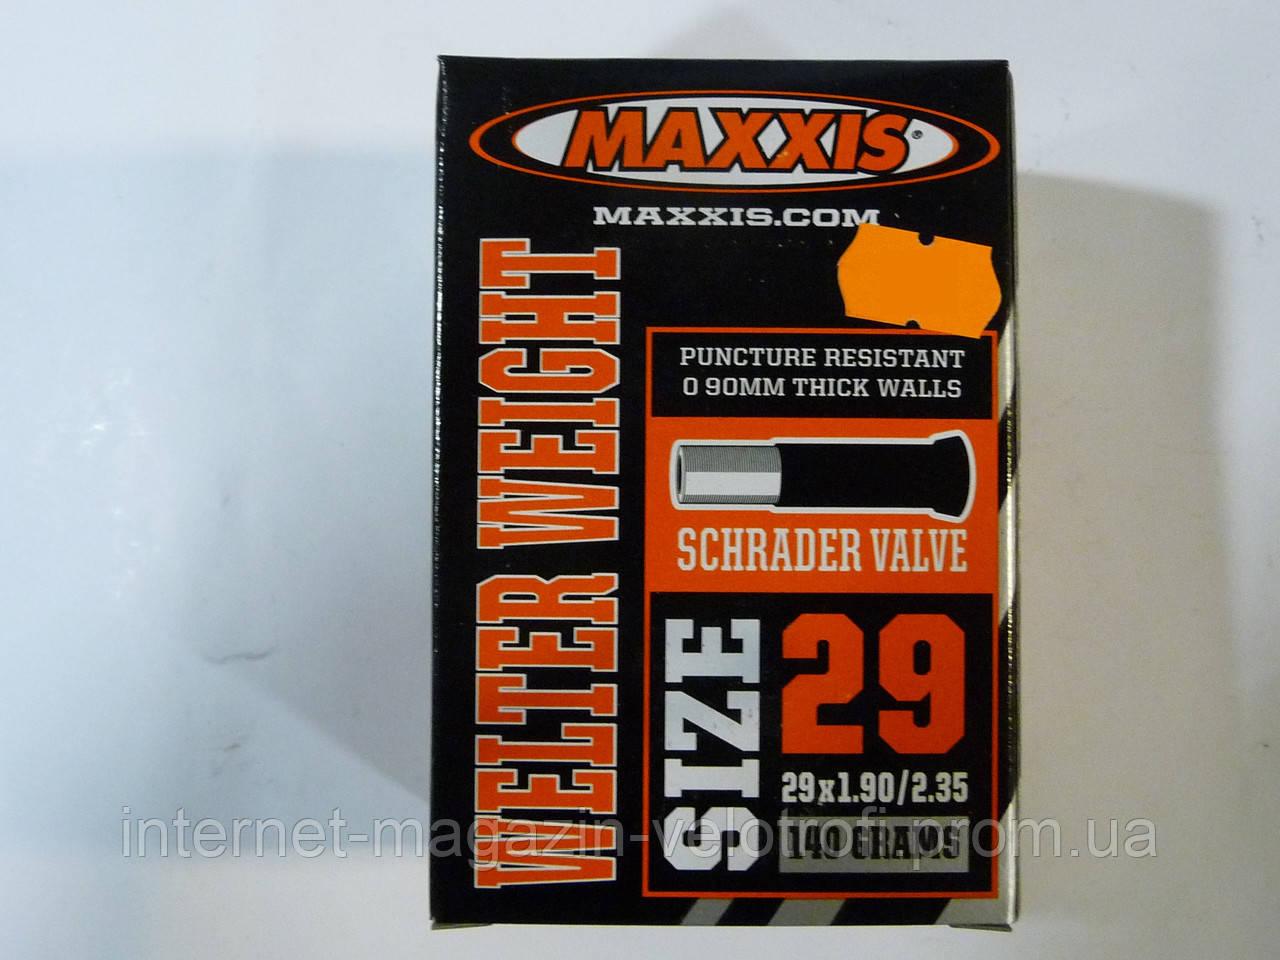 Велокамера Maxxis 29x1.90/2.35 A/V